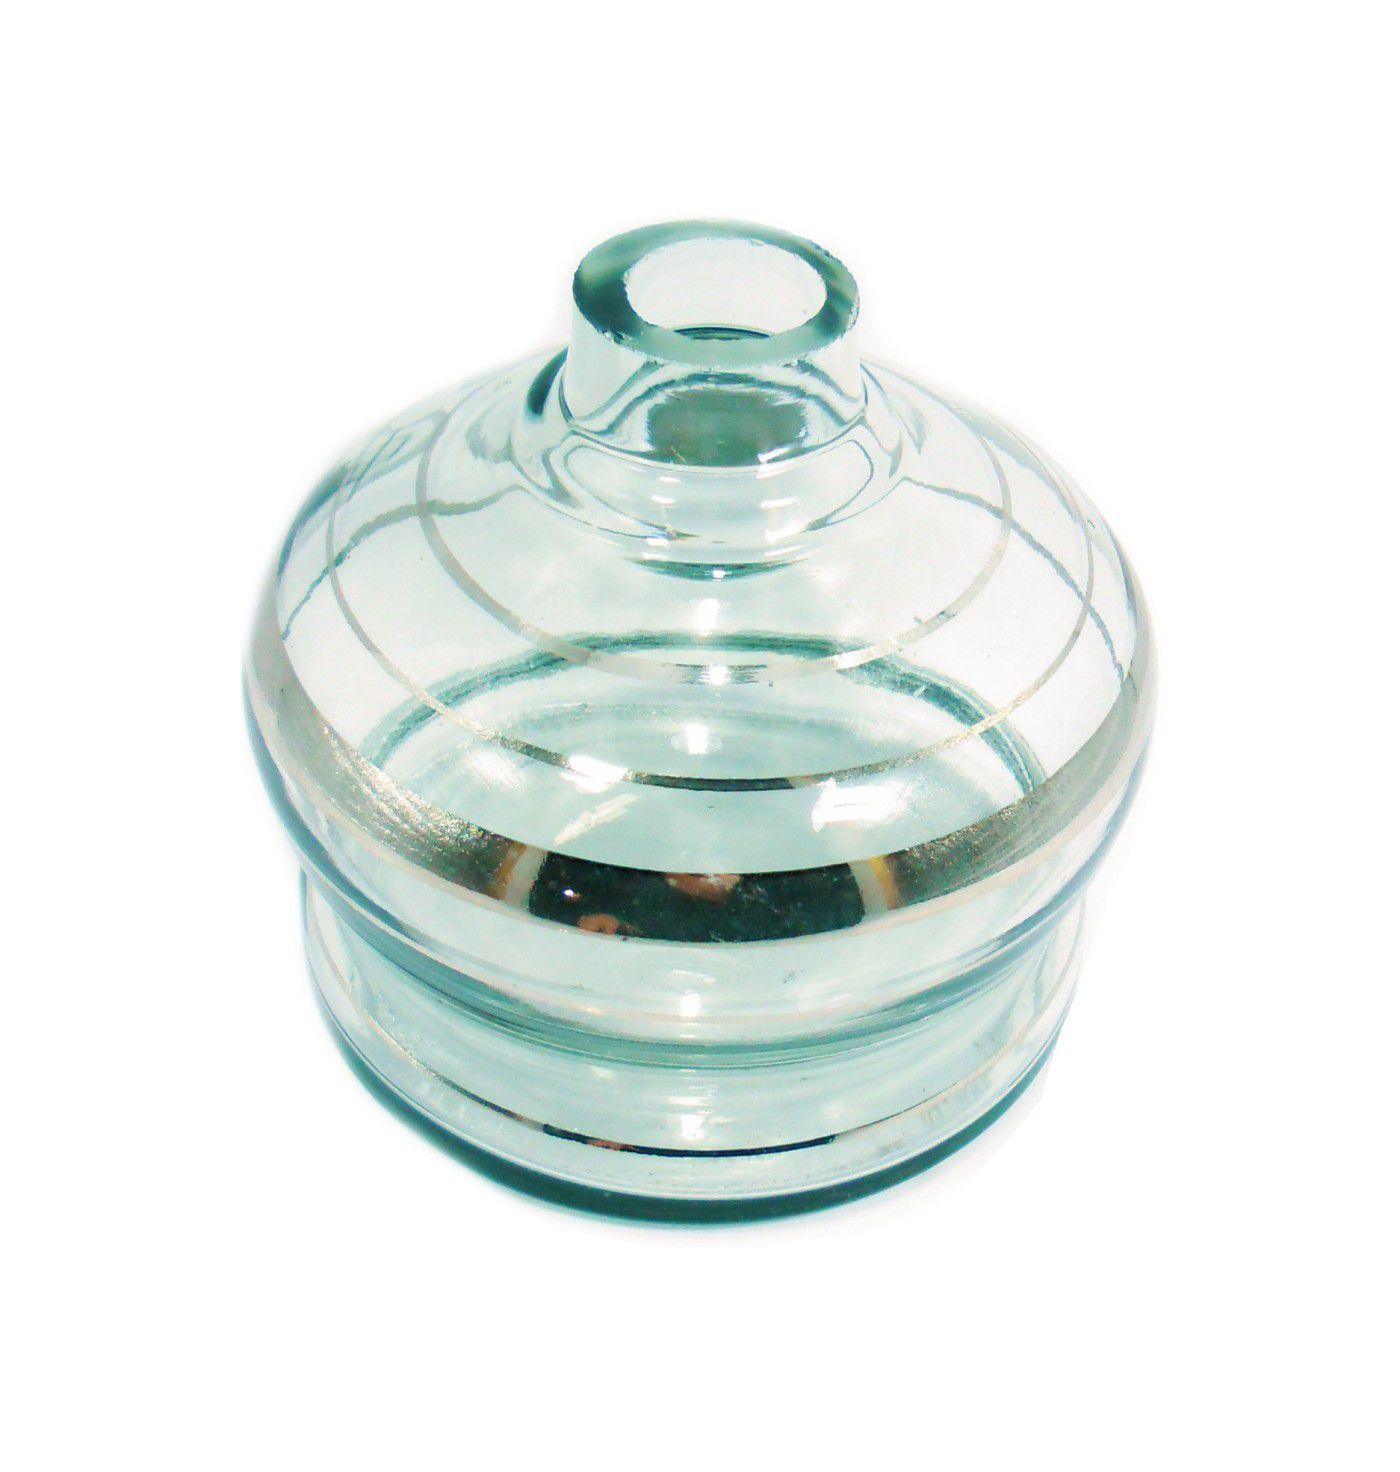 Vaso/base para narguile ALADIN 13cm, egípcio, vidro transparente c/LISTRAS PRATEADAS. Bocal 4,0cm.